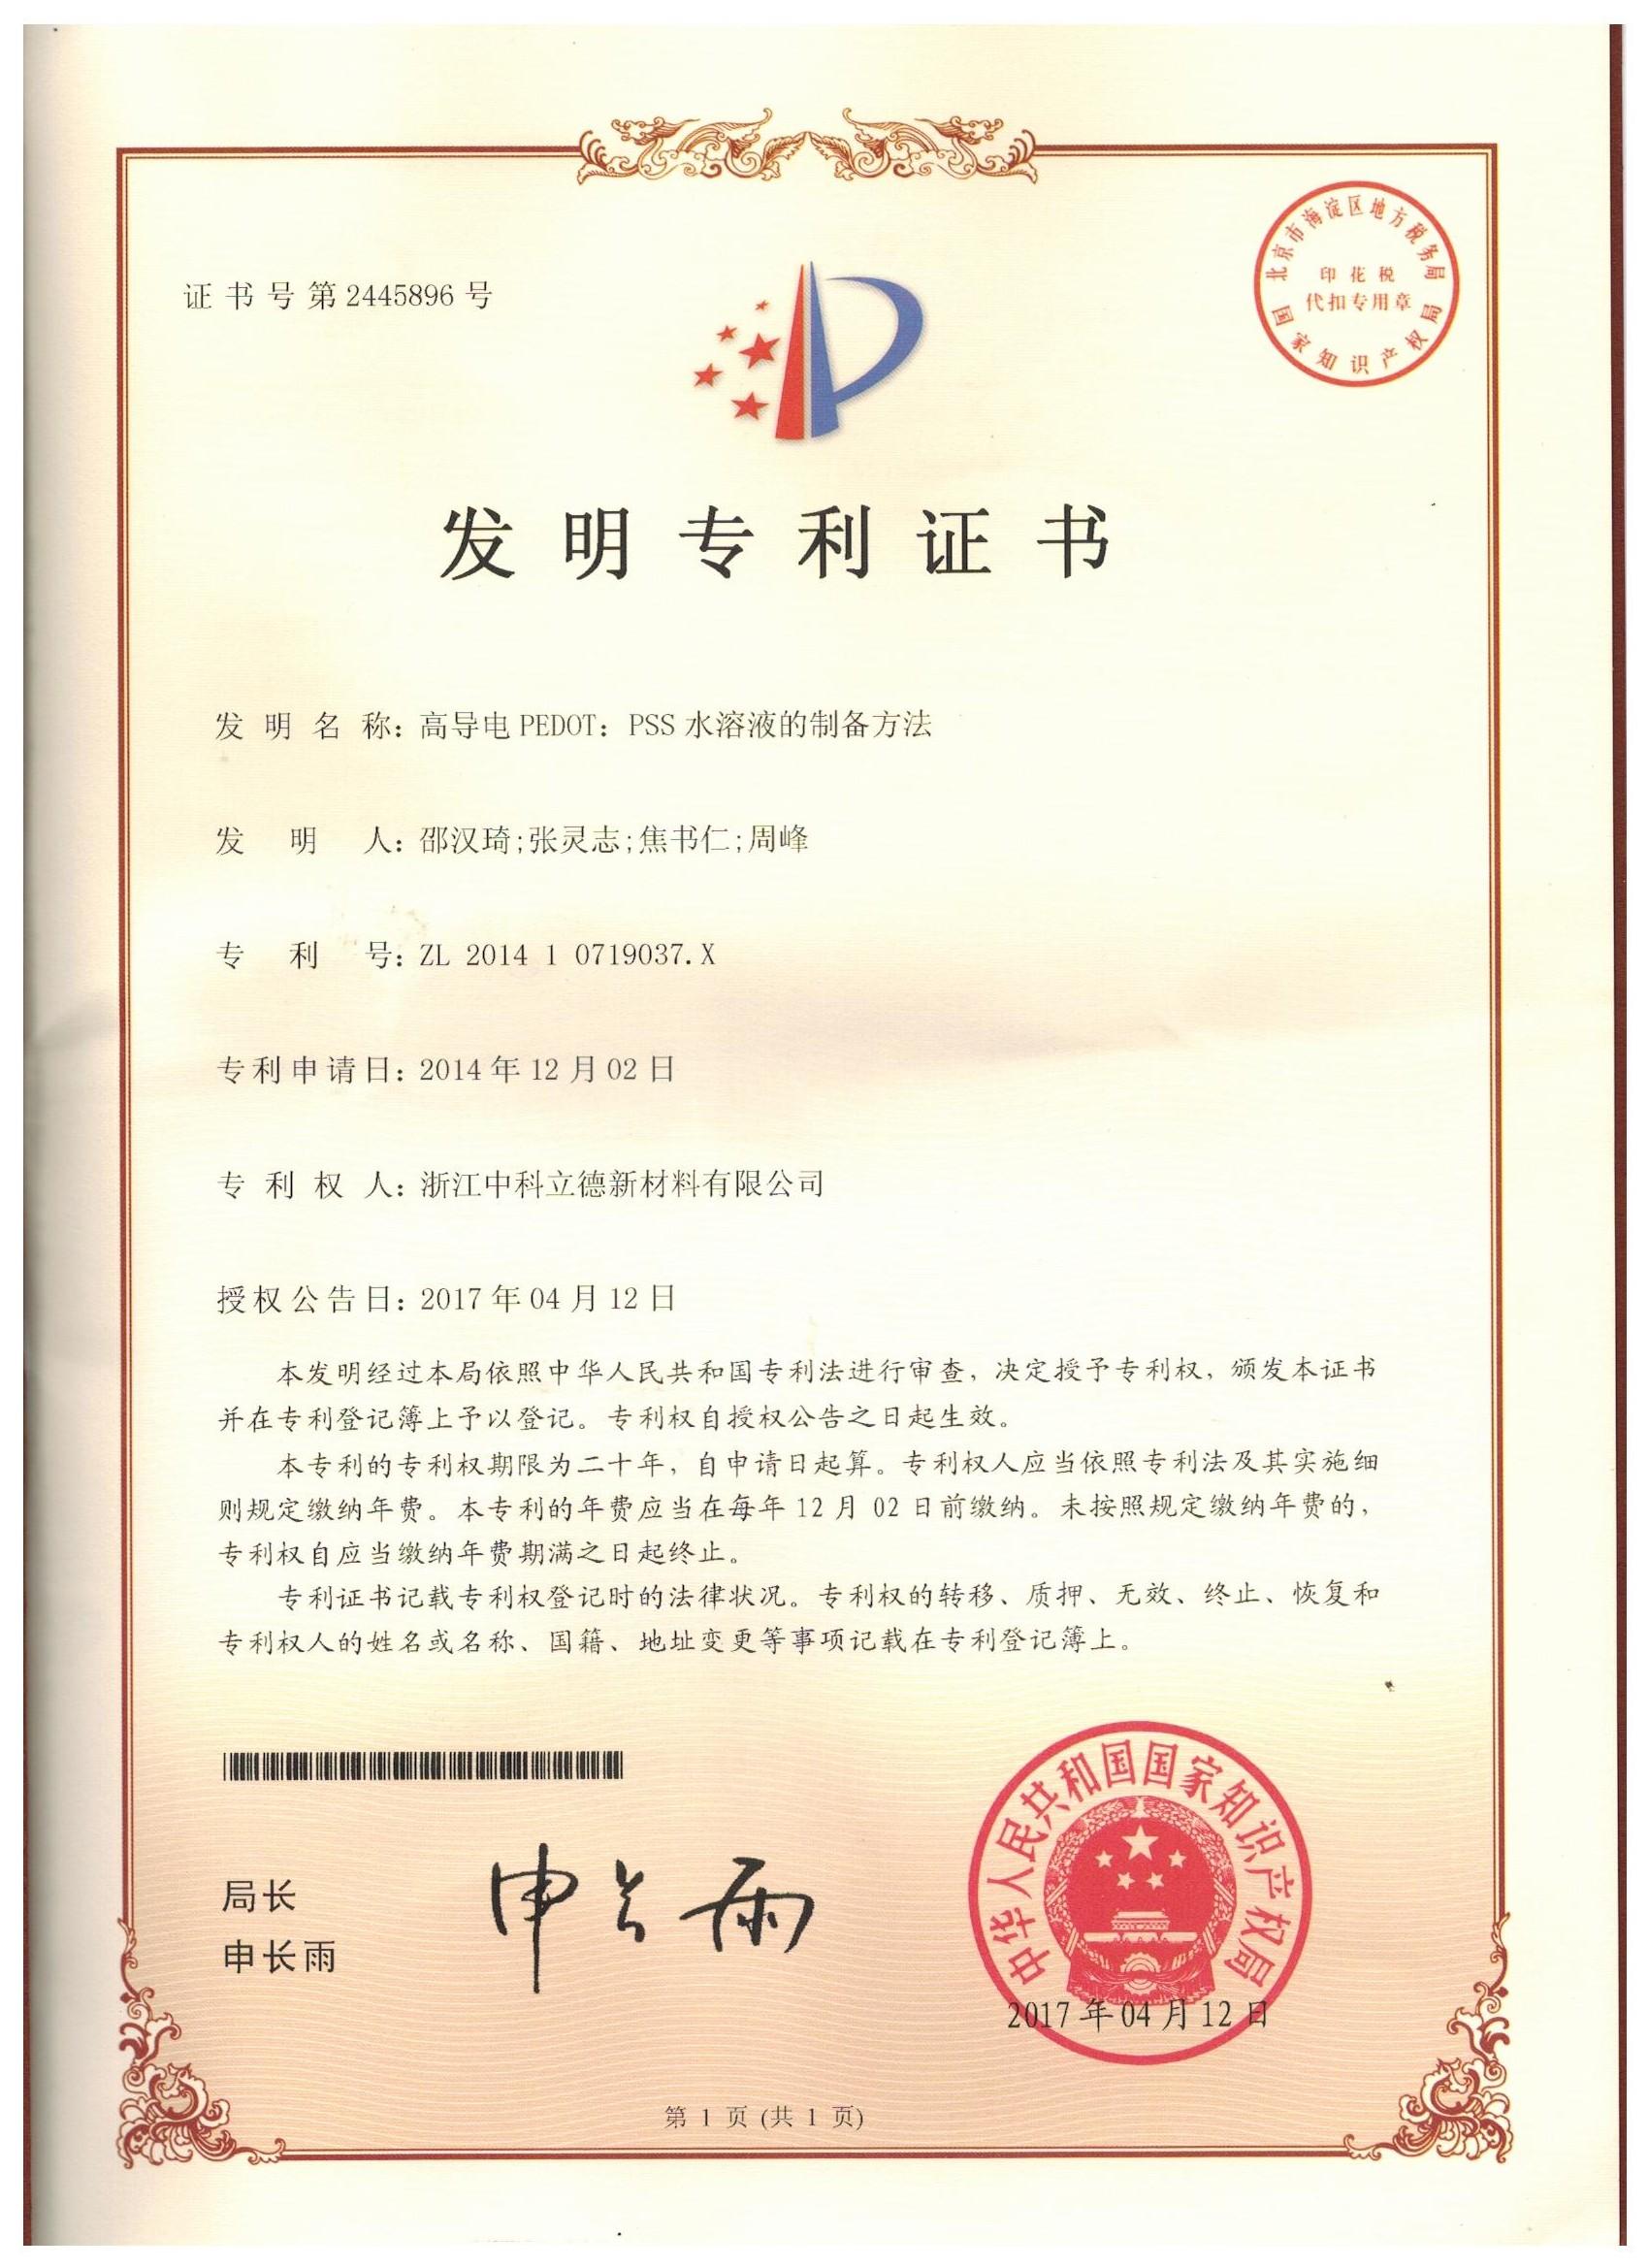 發明專利-高導電PEDO:PSS水溶液的制備方法-201410719037.X